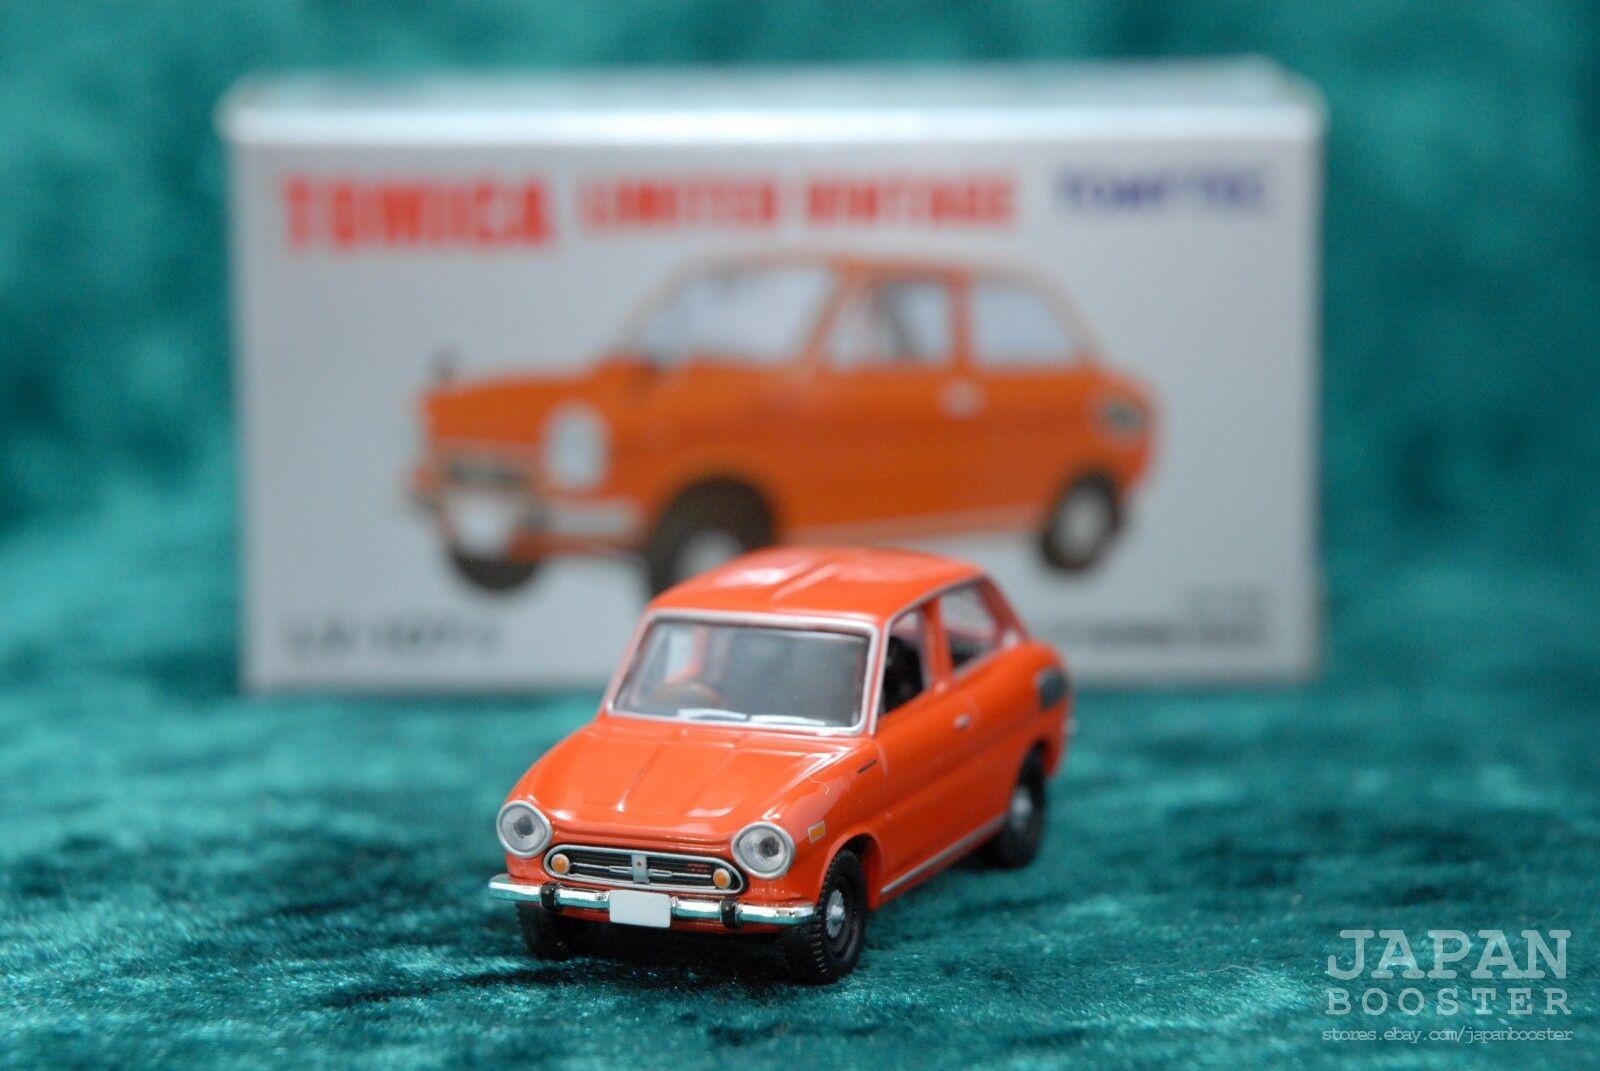 Tomica Limited Vintage Tlv 107a Fronte Sss Orange Japan For Sale Online Ebay